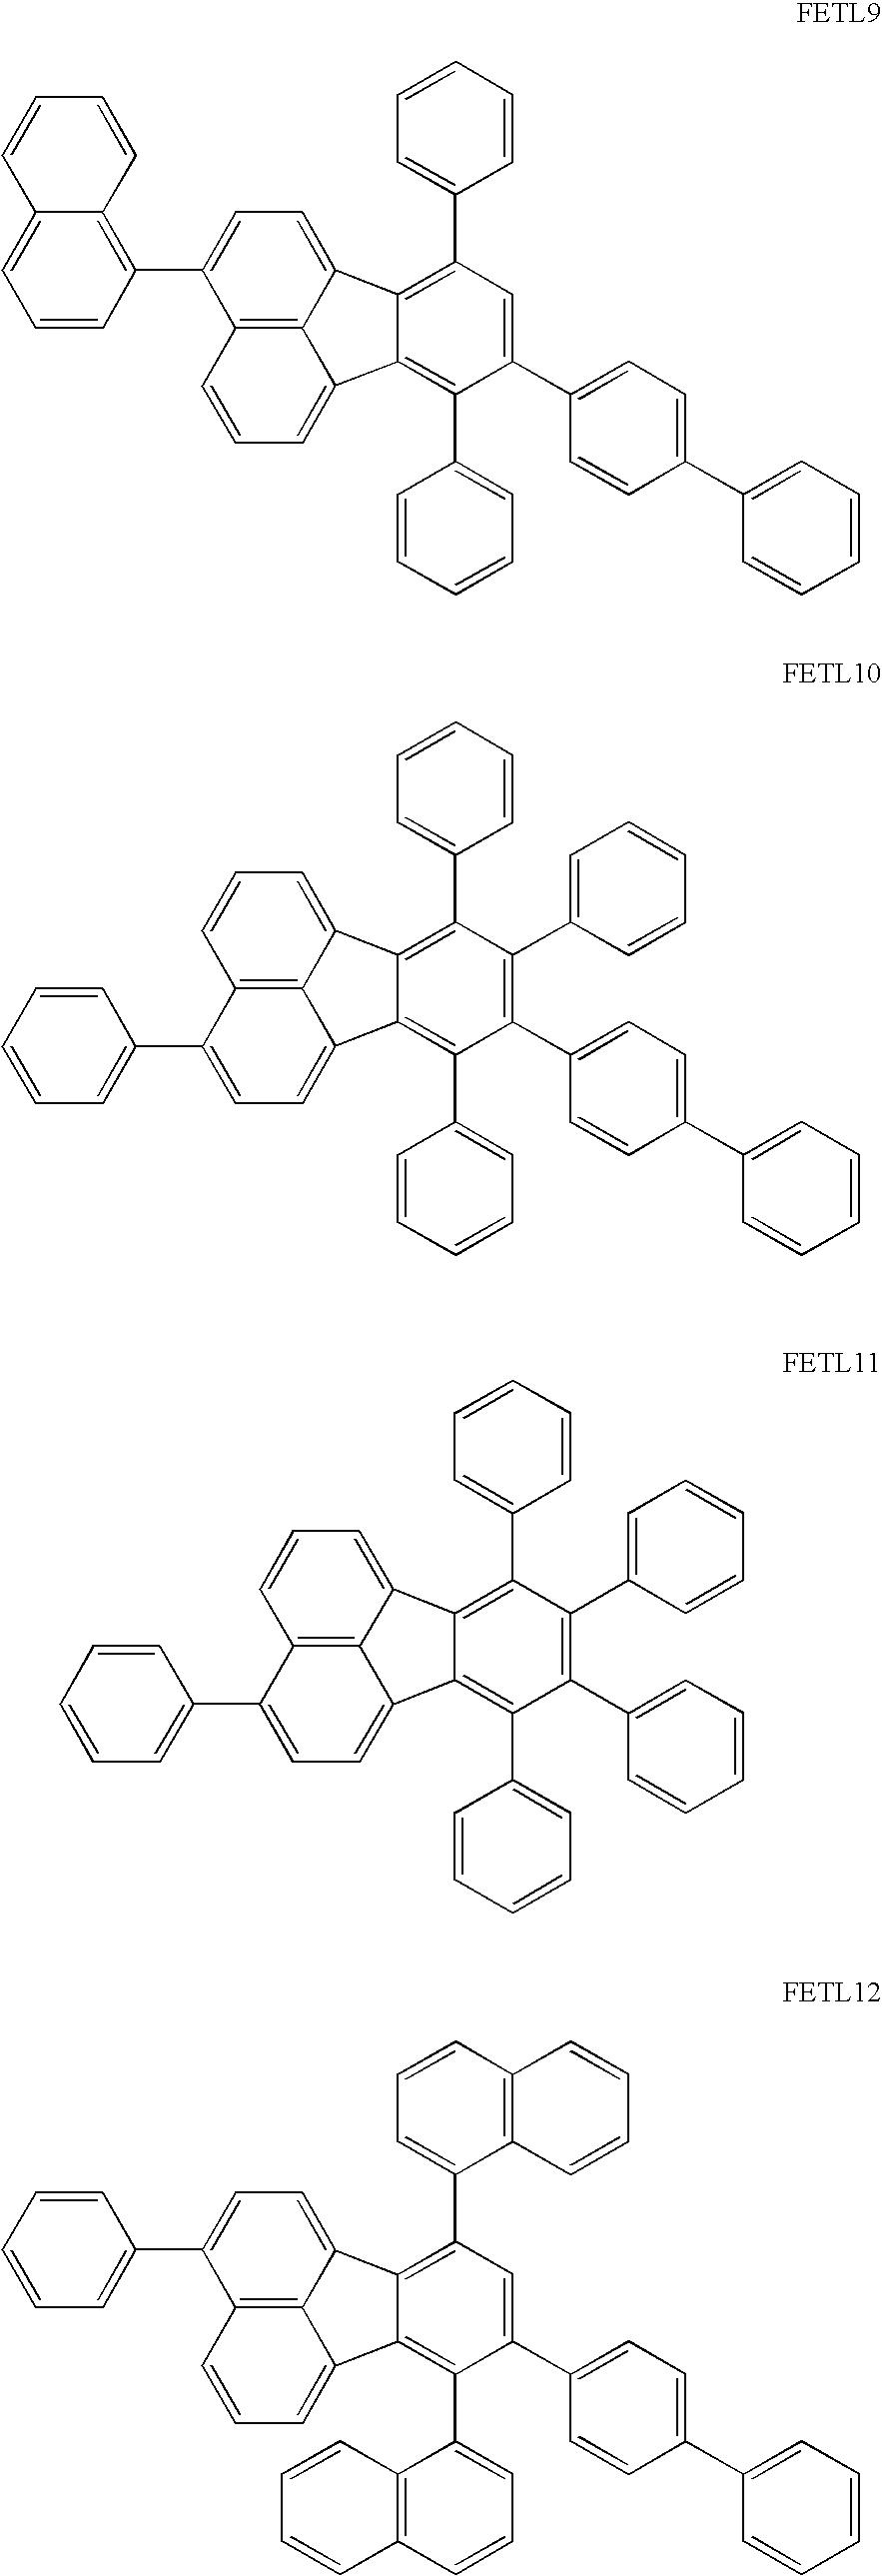 Figure US20090162612A1-20090625-C00026